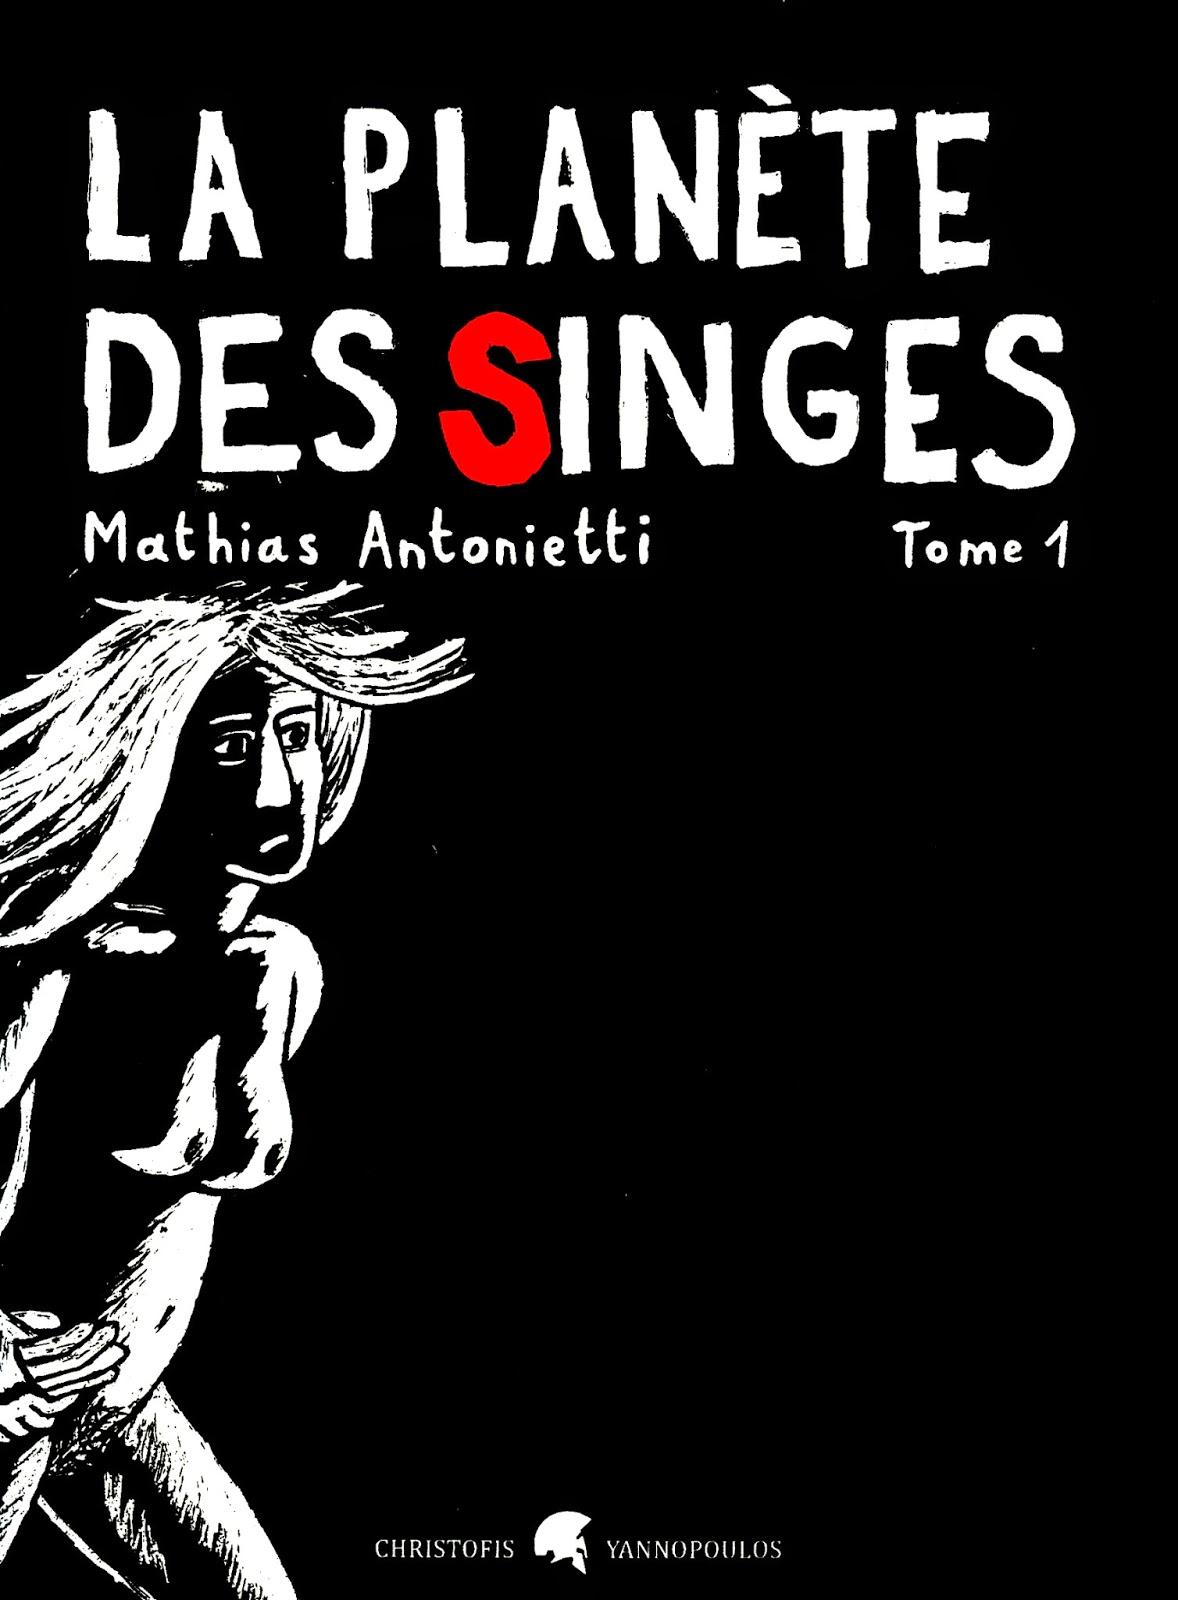 LA PLANETE DES INGES t.1 par Mathias Antonietti